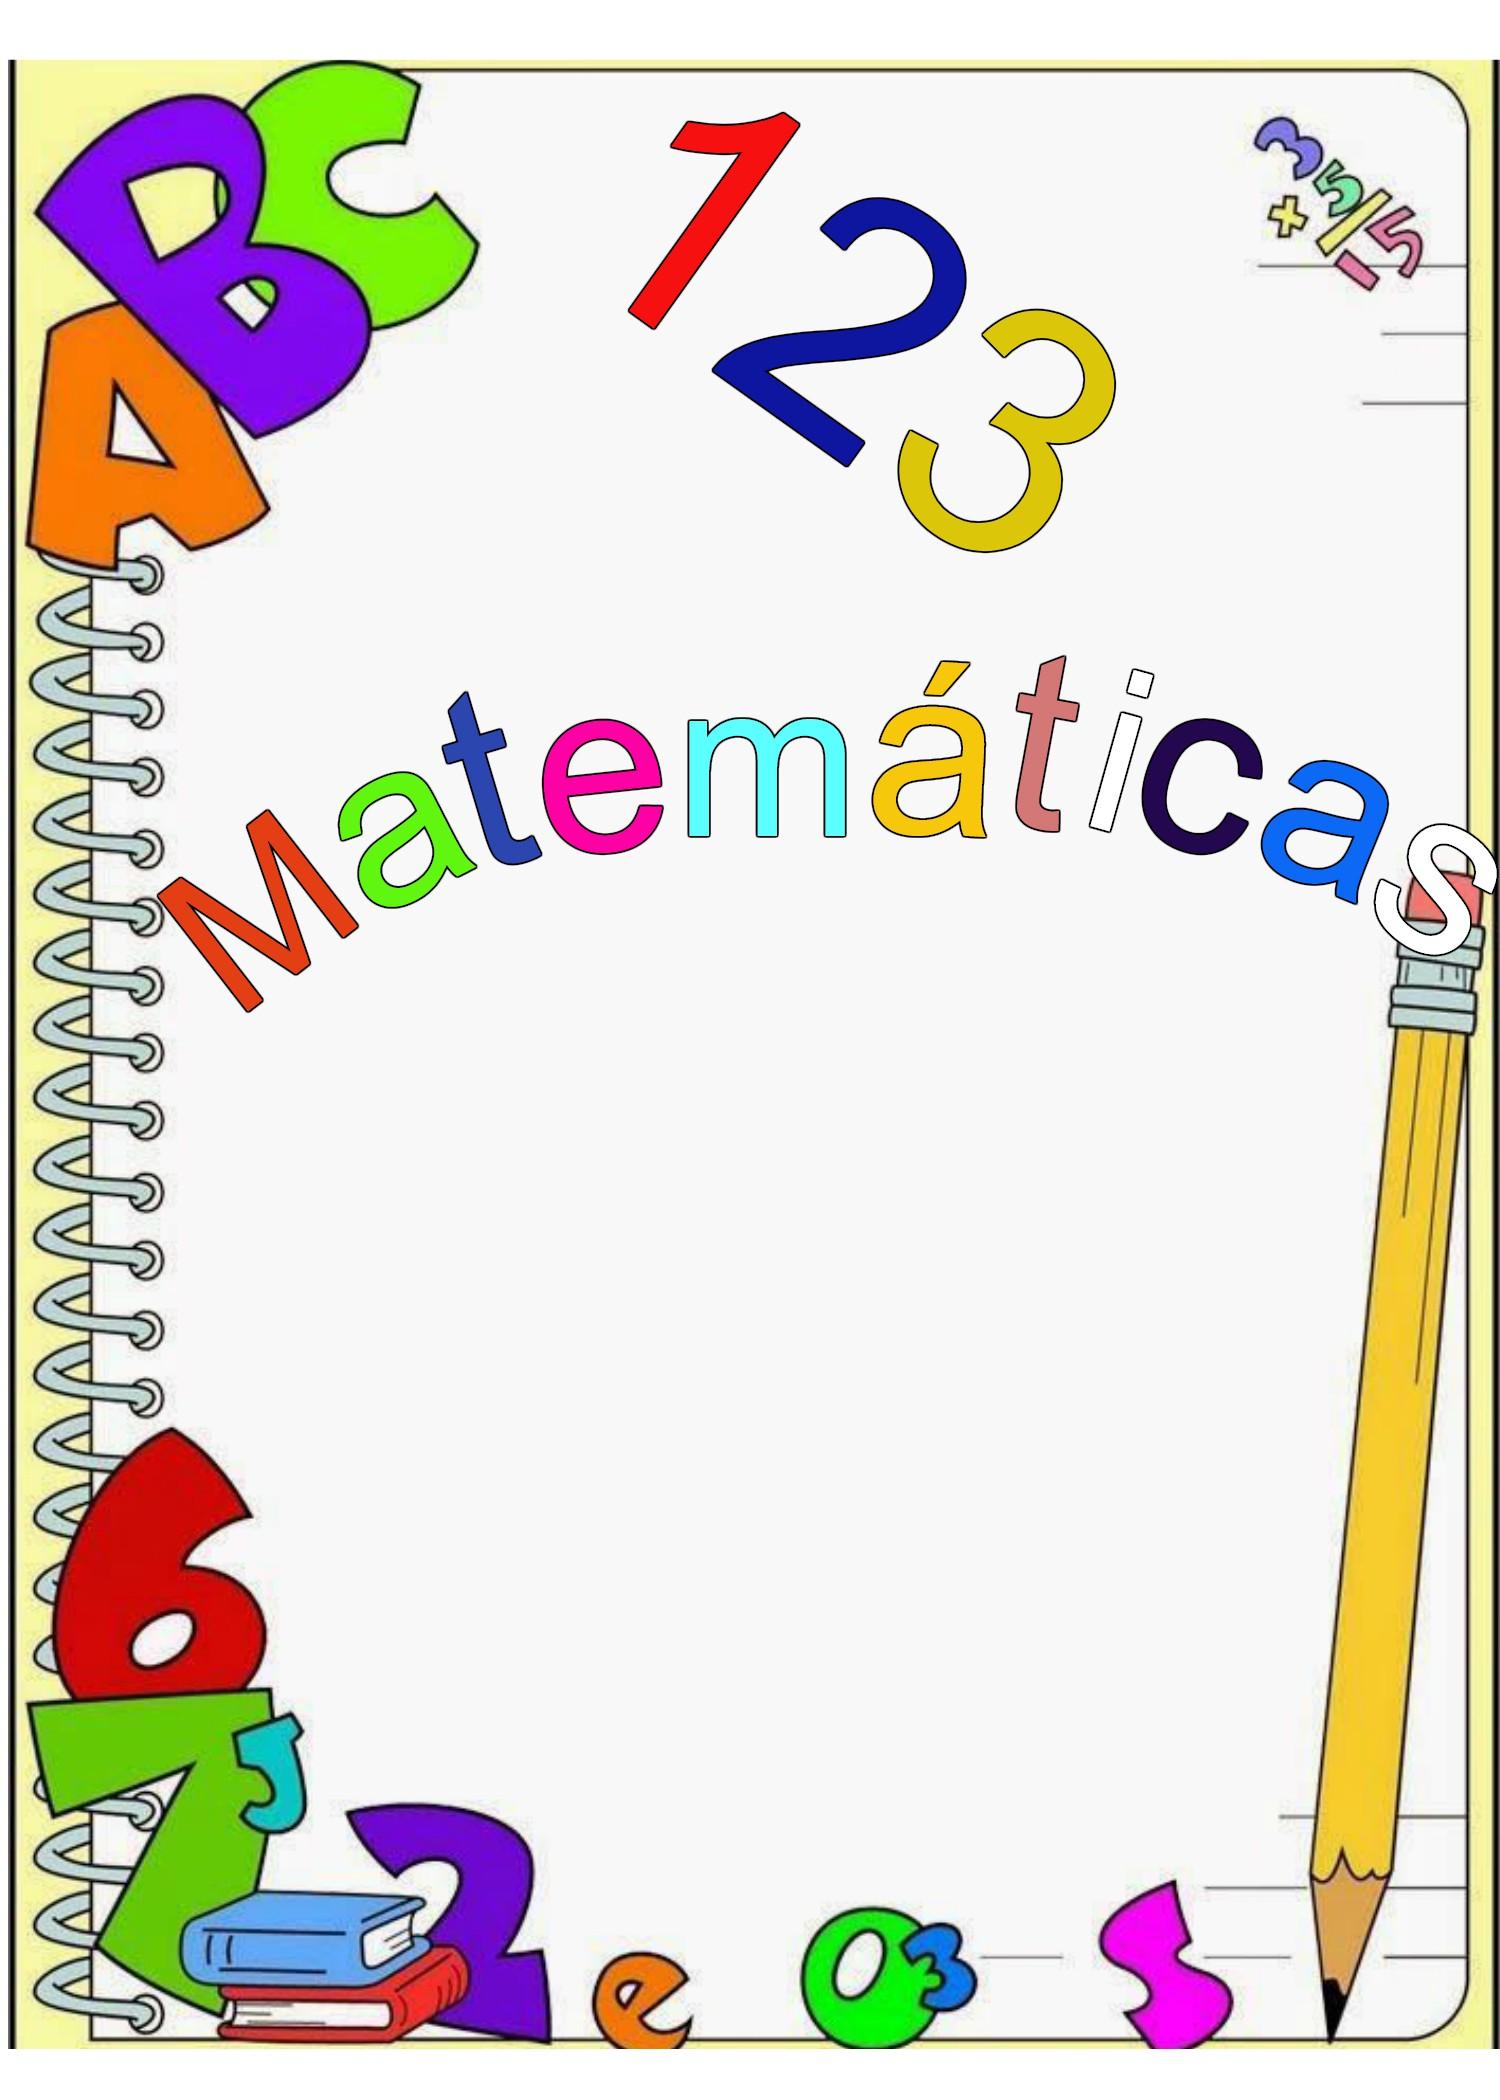 Caratulas de matematicas5